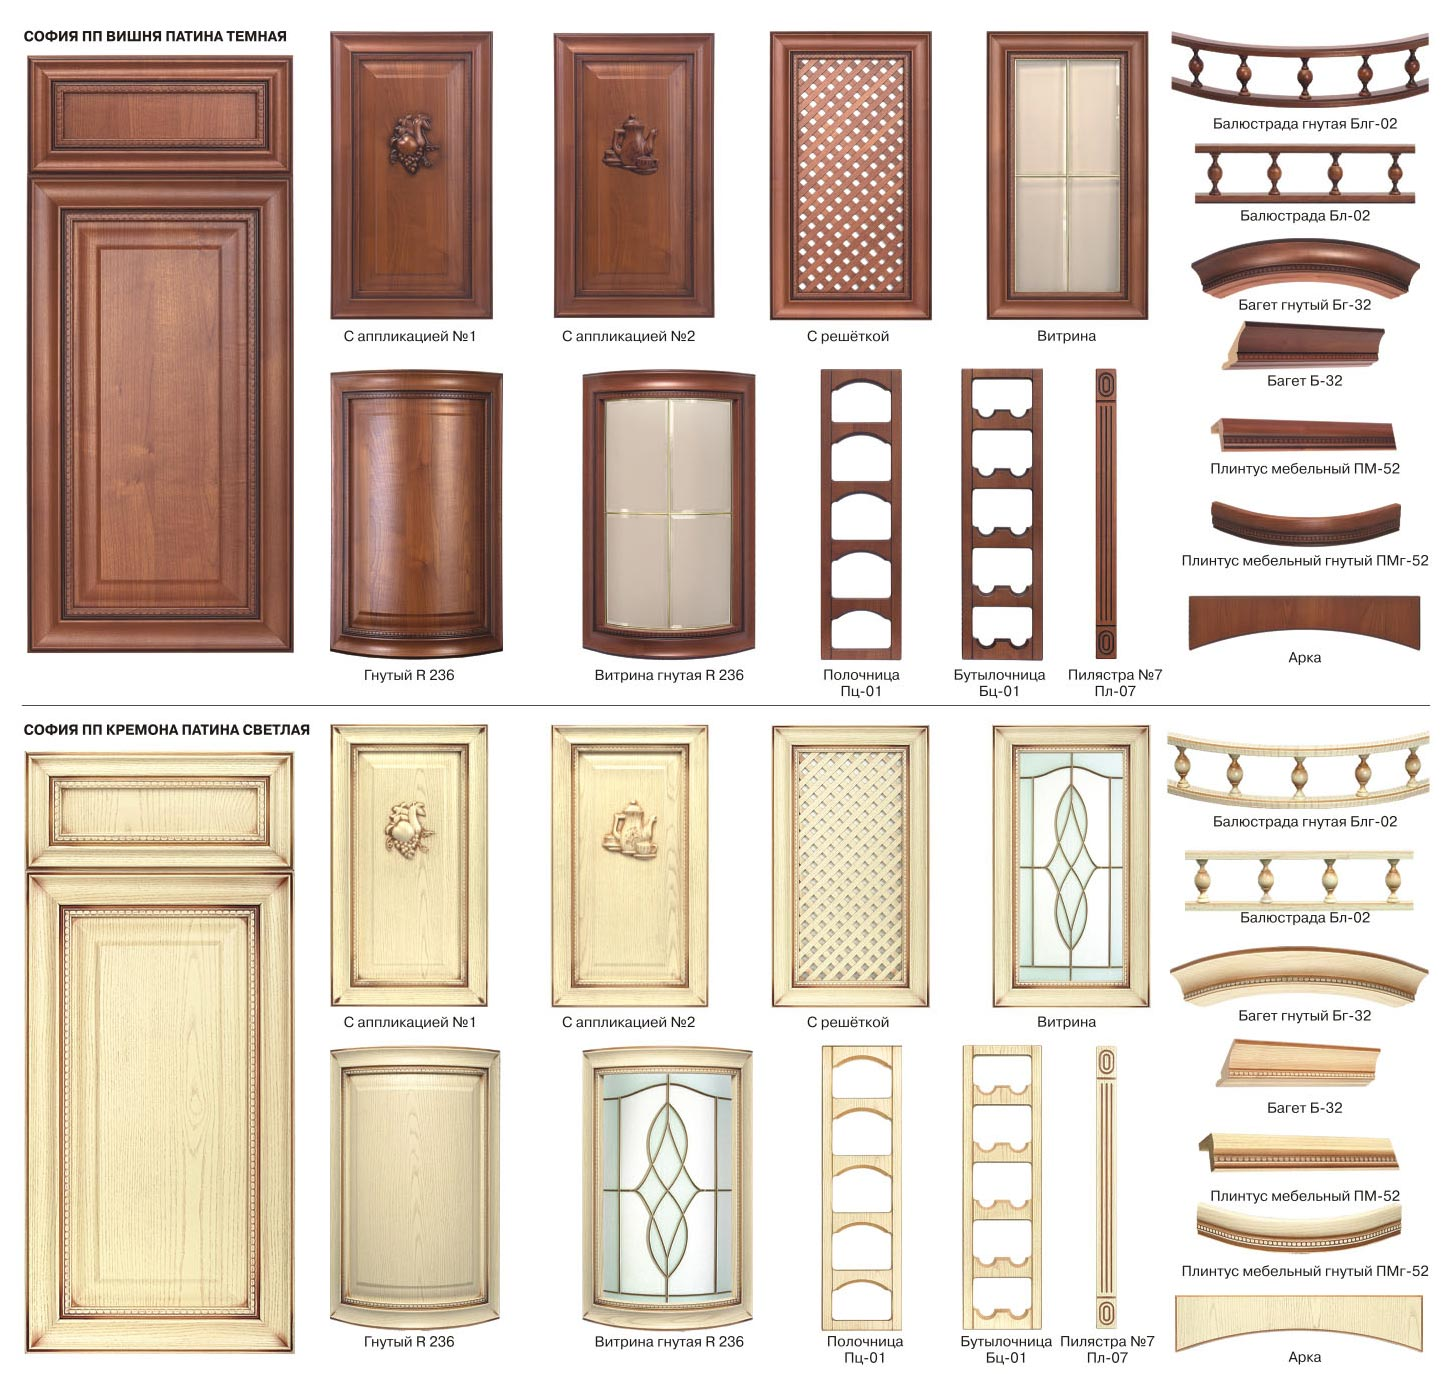 Фасады рамочные, фасады из алюминия - кухни на заказ в спб.